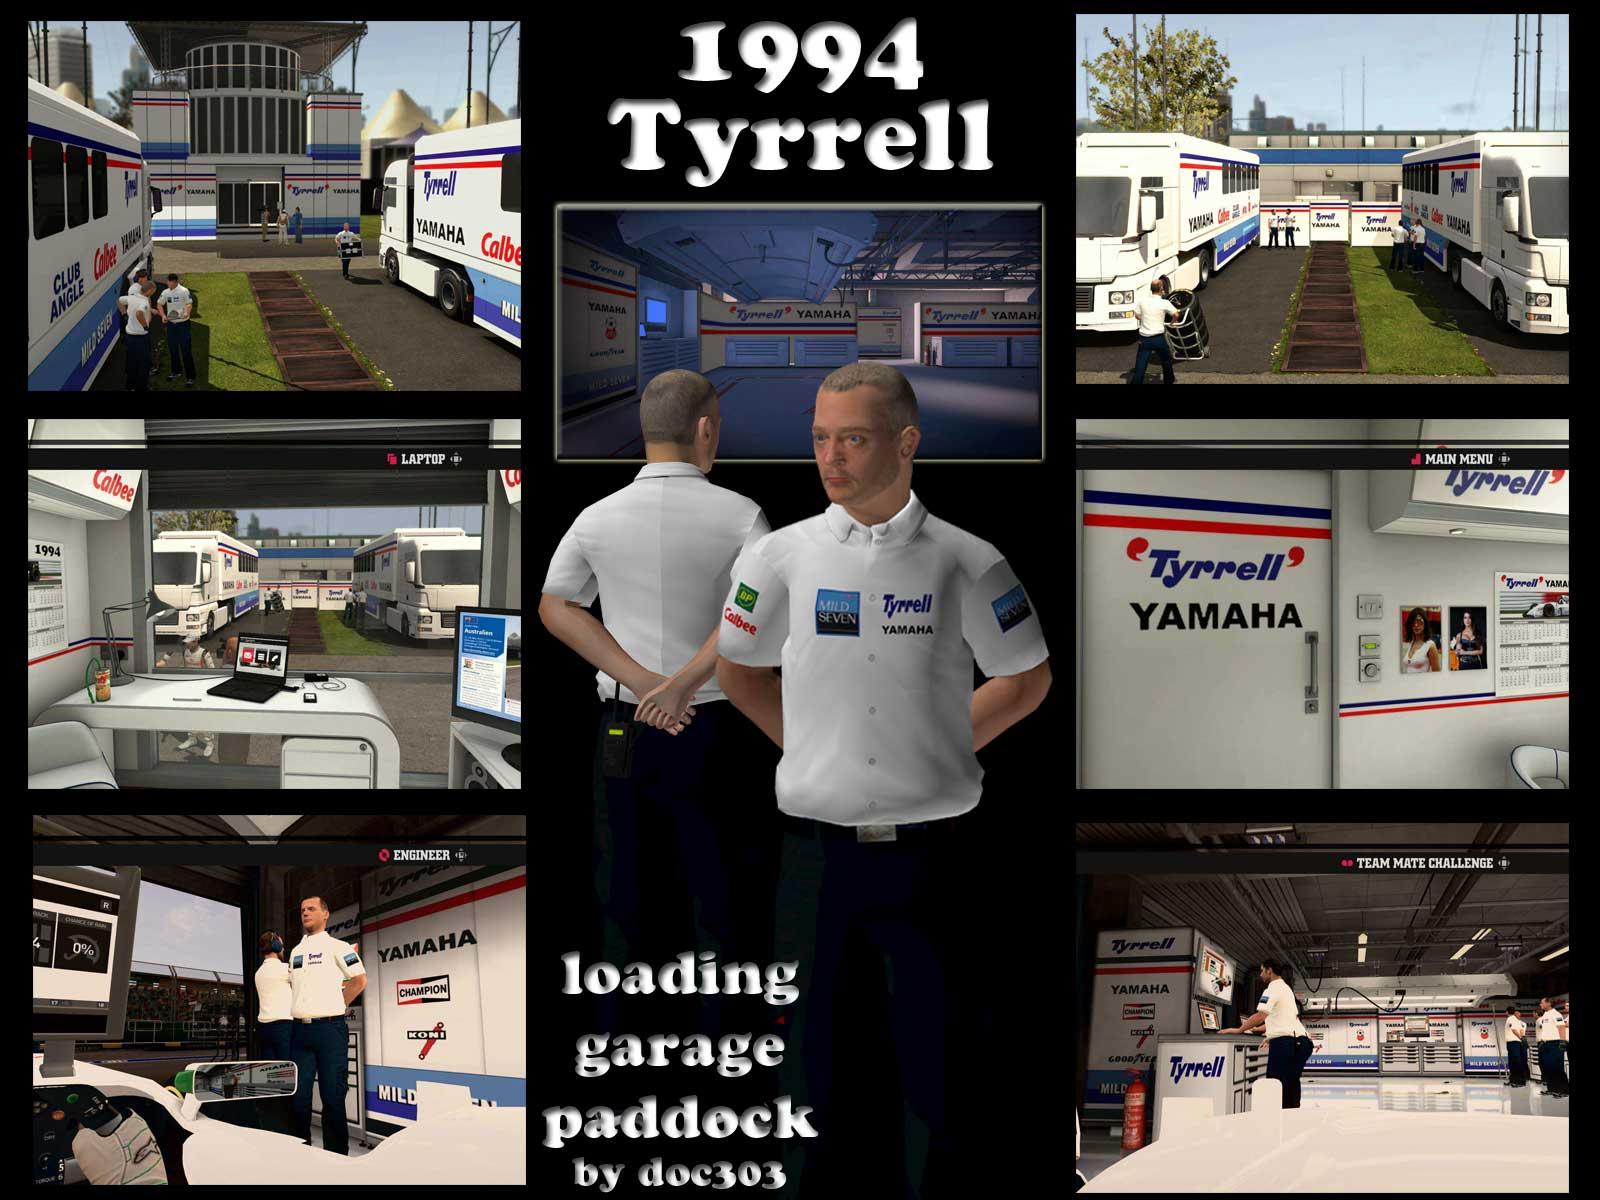 94-Tyrrell-Info.jpg